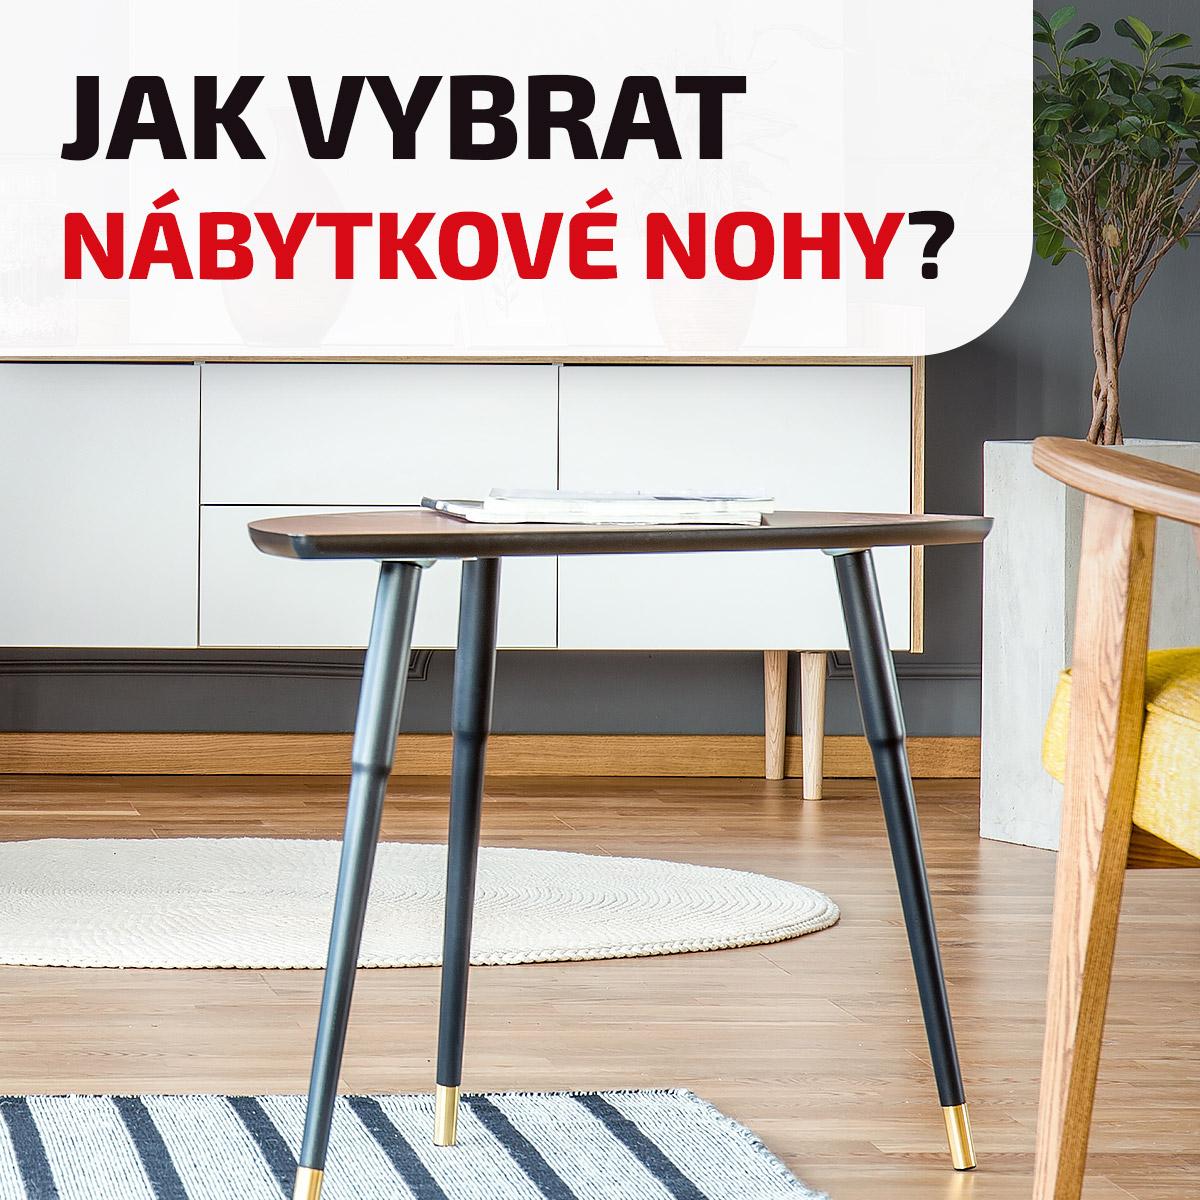 Jak vybrat nábytkové nohy?